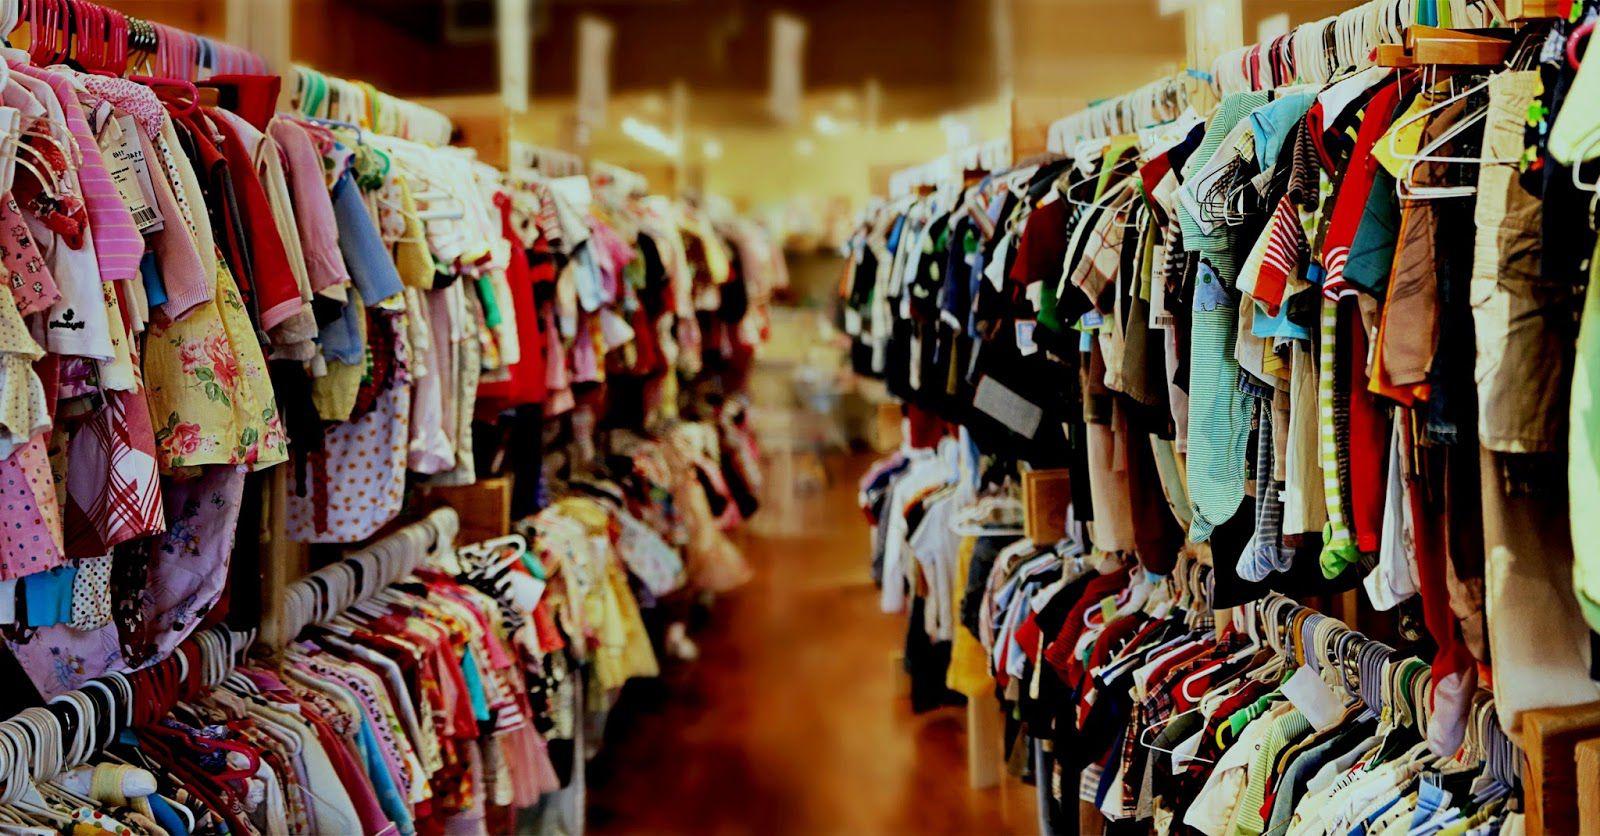 Sai lầm trong khâu thiết kế shop bán hàng quấn áo